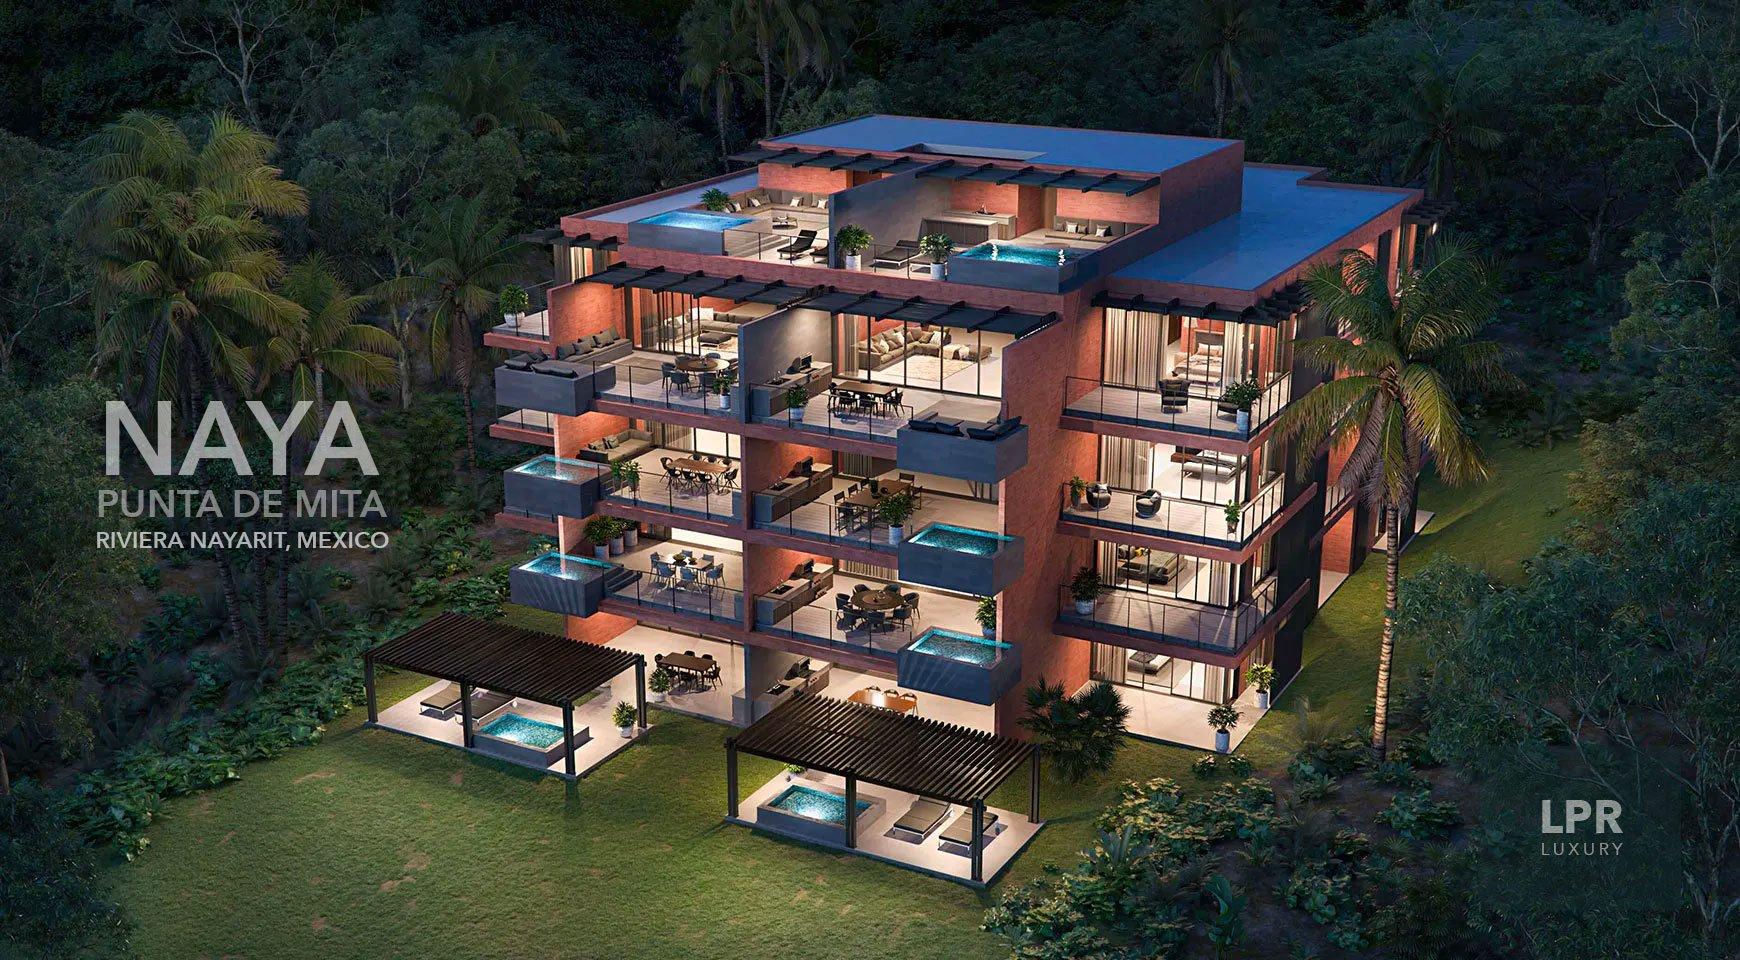 NAYA - Beachfront condos | Los Veneros - Punta de Mita - Luxury beachfront resort residences for sale - Luxury Real estate North of Puerto Vallarta, Mexico